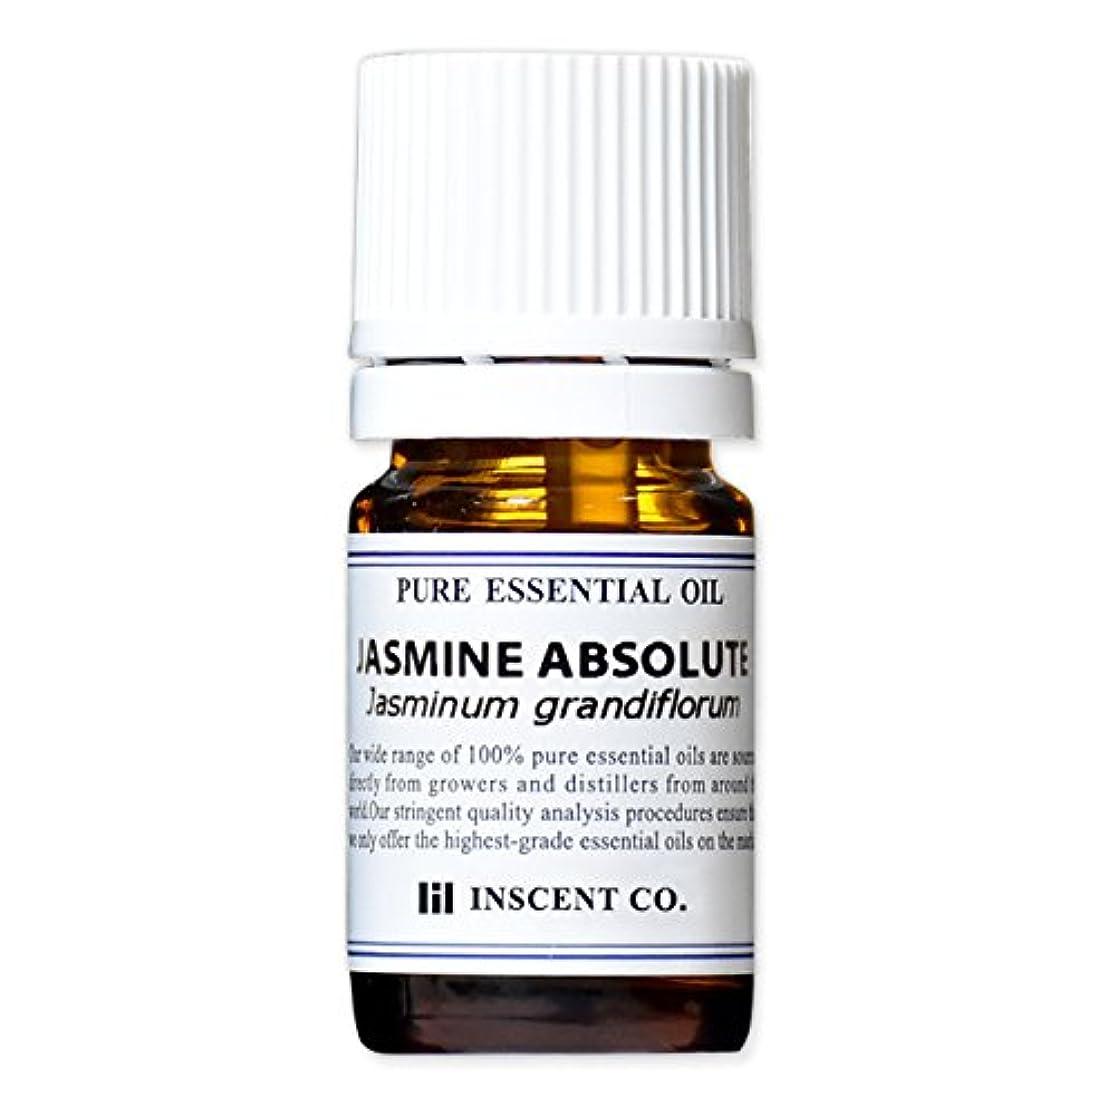 アルファベット順地域のスカープジャスミンアブソリュート (フランス産) 2ml インセント アロマオイル AEAJ 表示基準適合認定精油